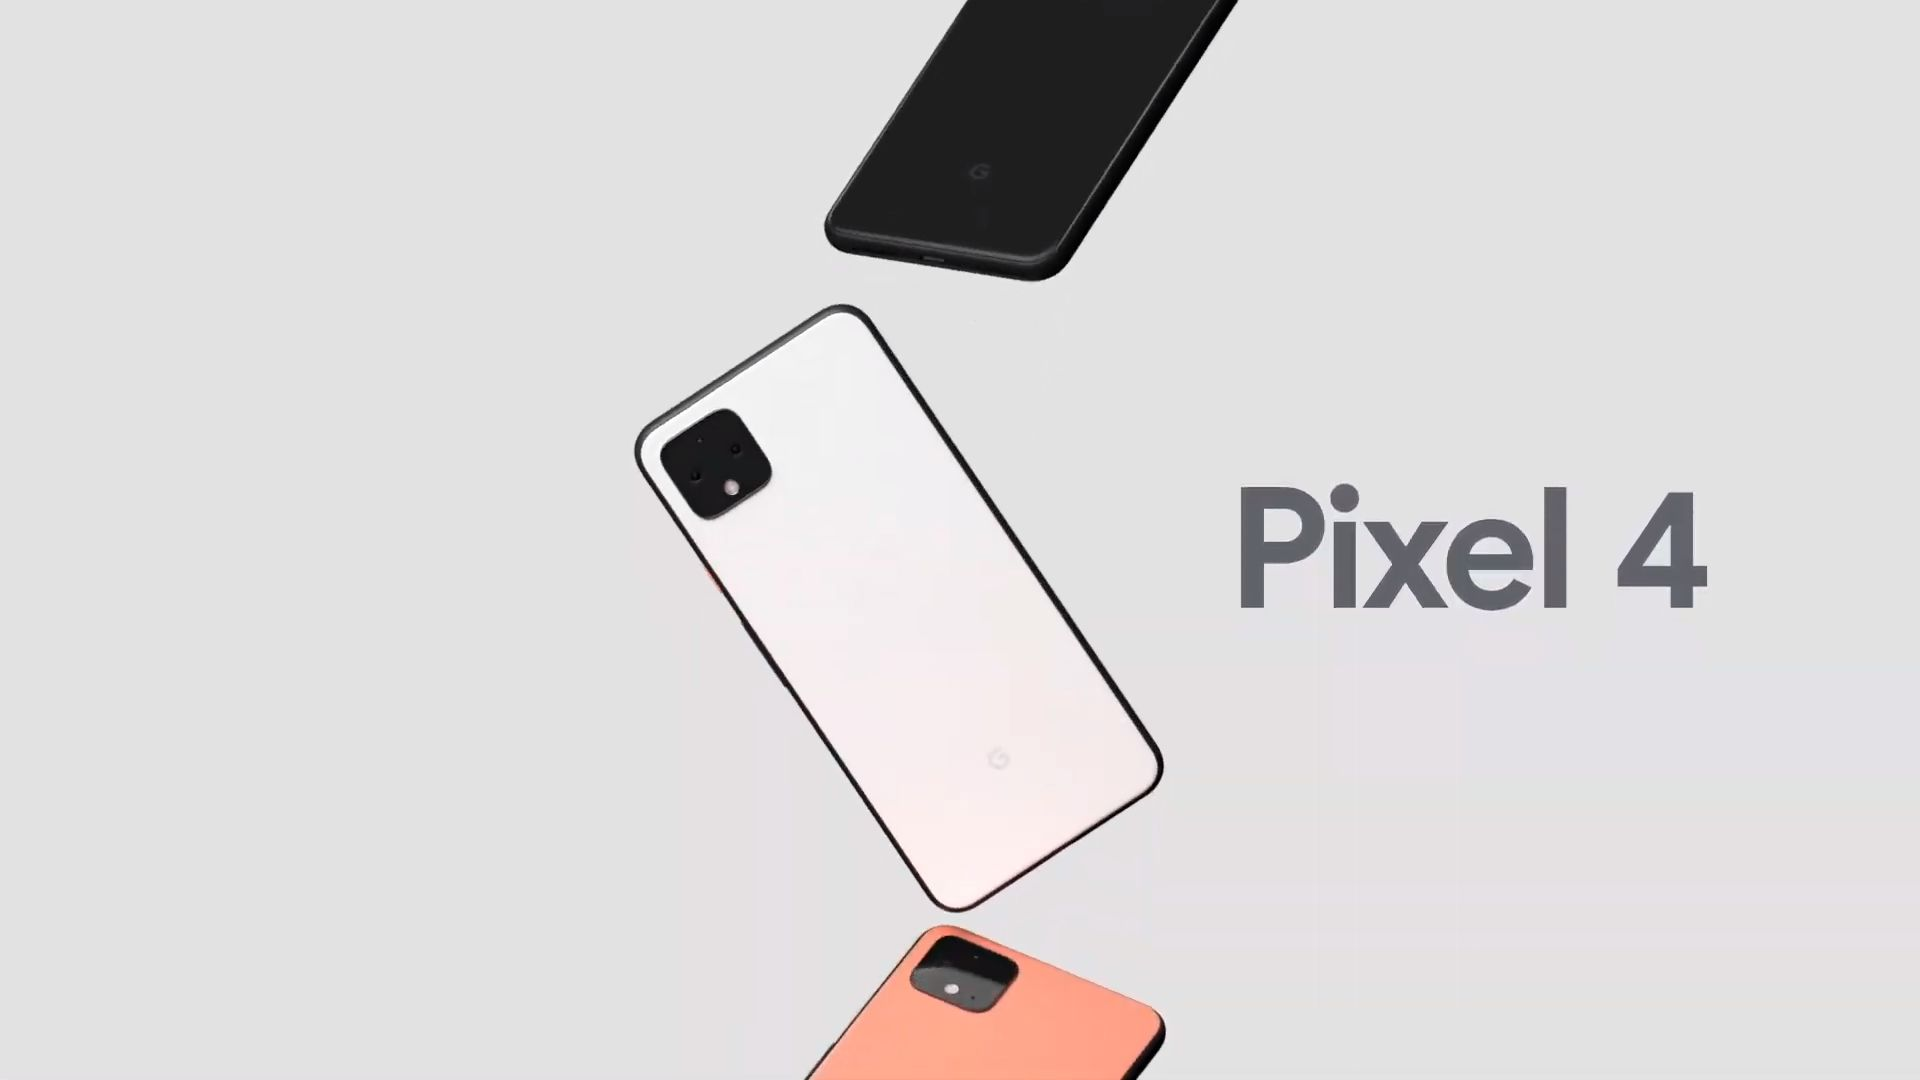 Pixel 4 e Pixel 4 XL presentati ufficialmente: ora possono essere definiti realmente degli iPhone con Android